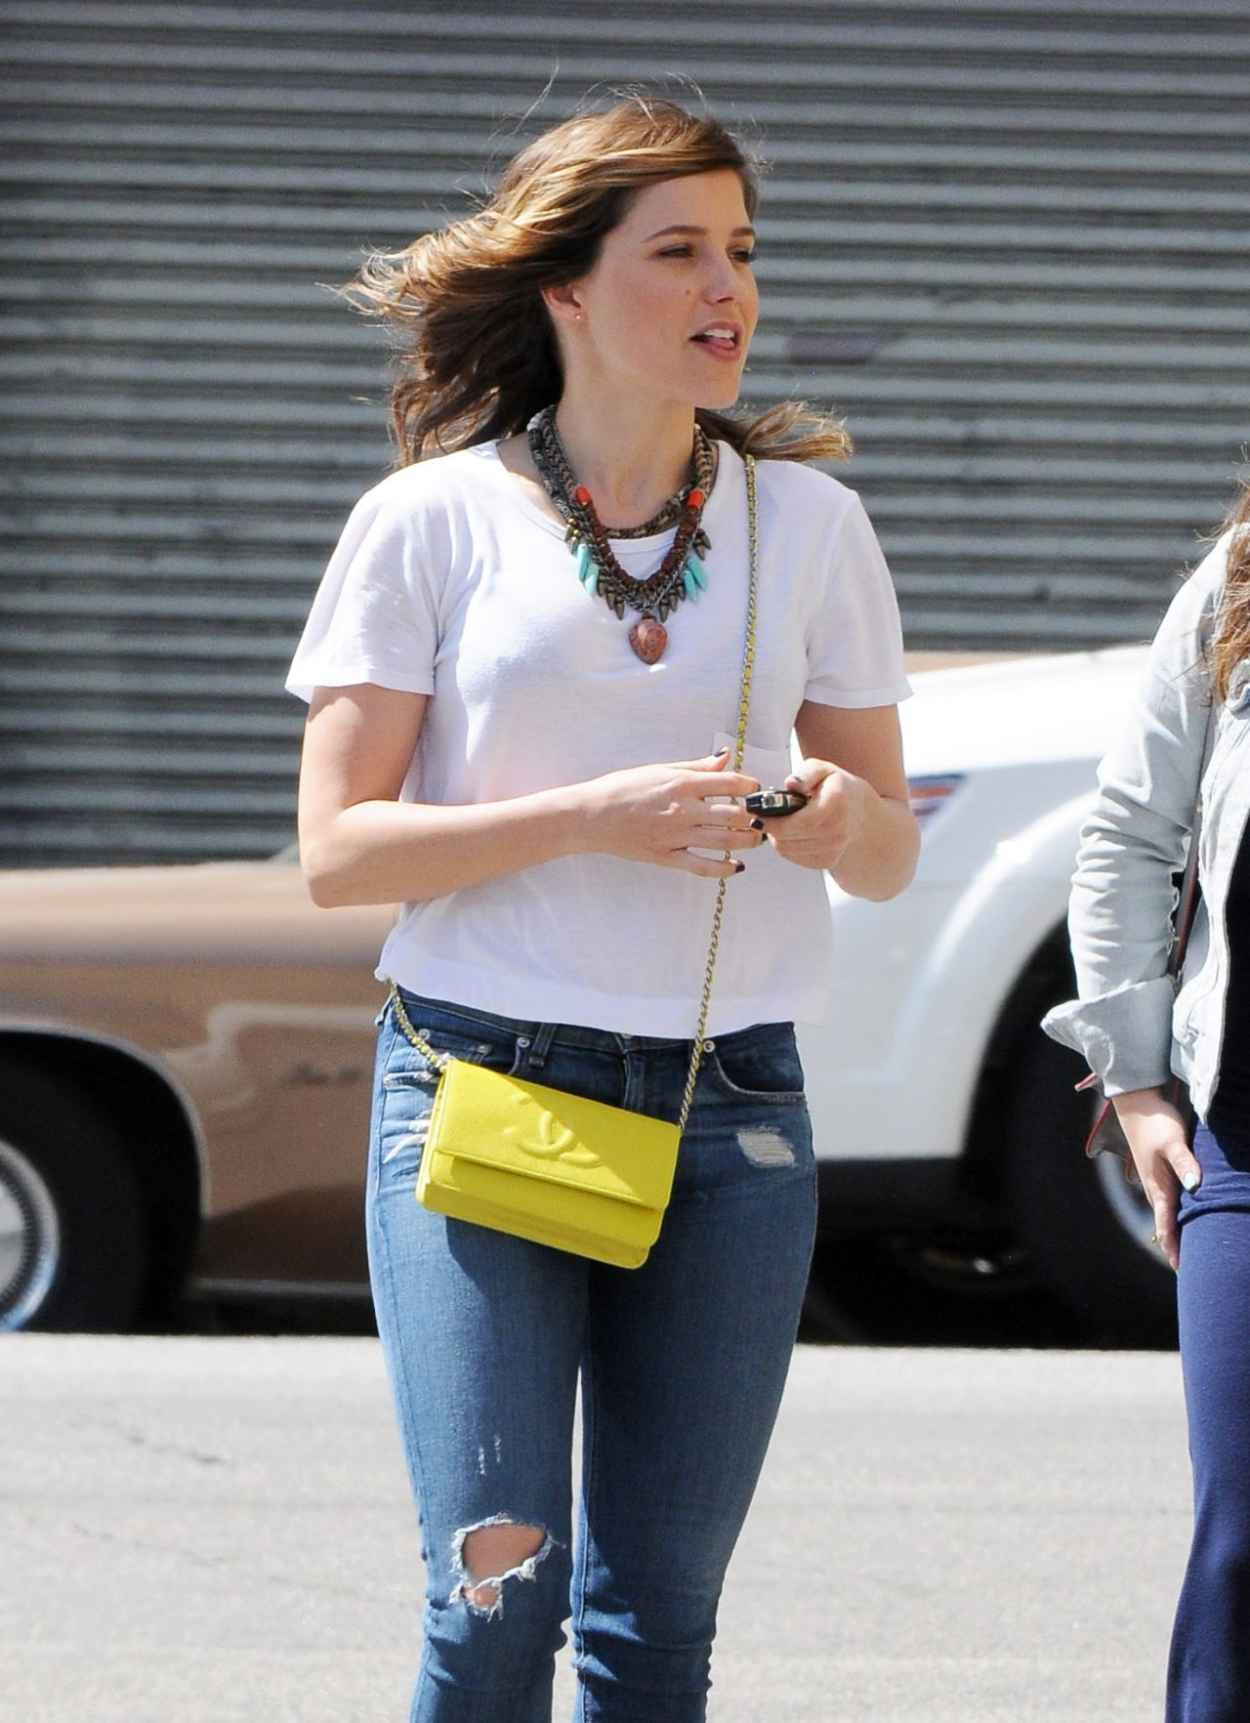 Sophia Bush in Ripped Jeans - Out in LA - March 2015-1